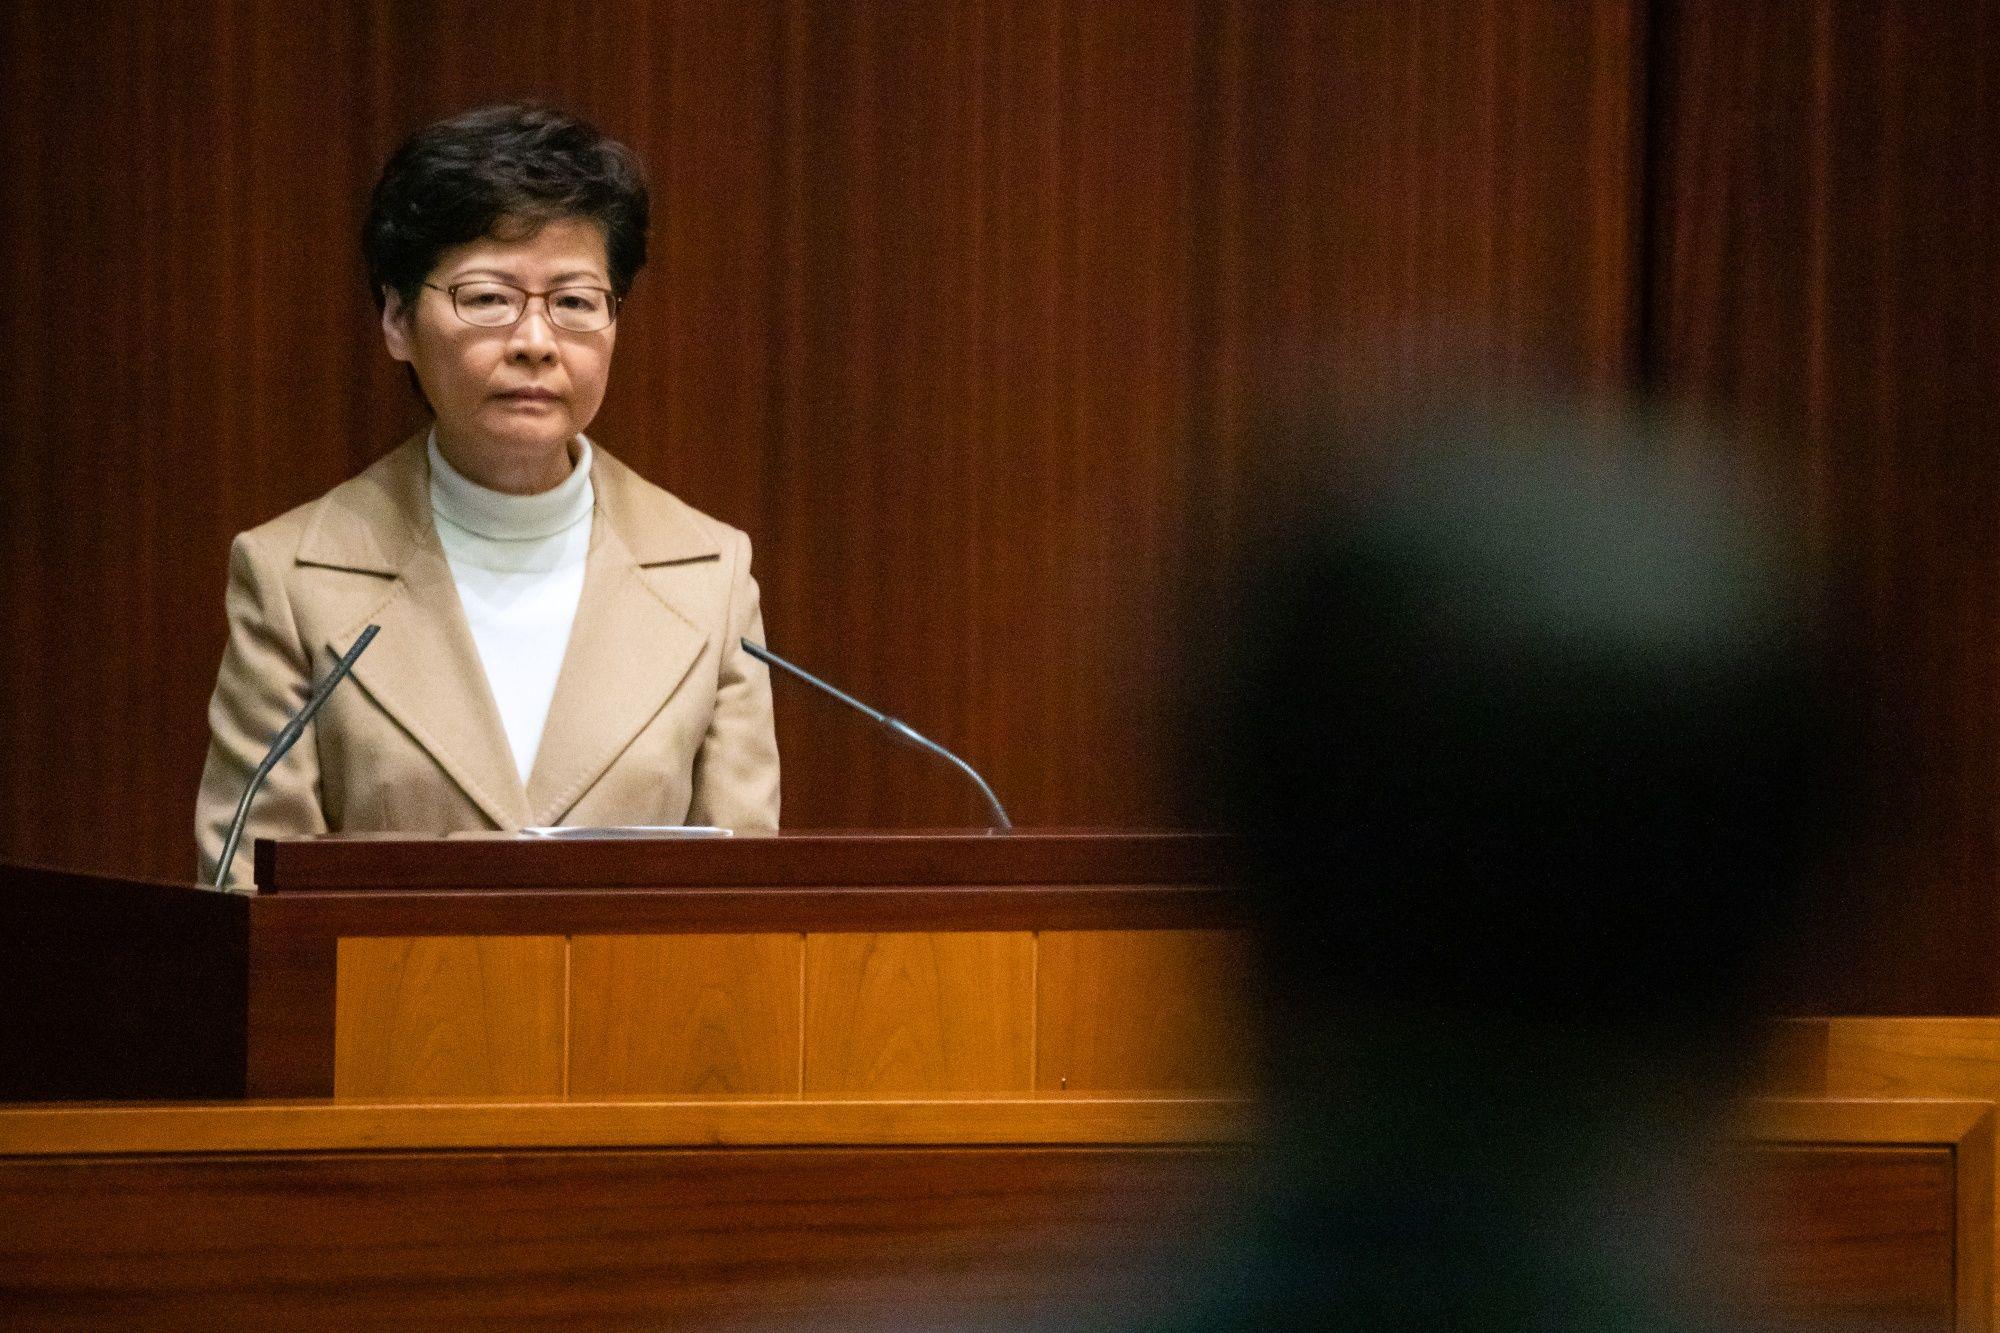 Hong Kong LeaderSays China Could Treat City the Same After 2047